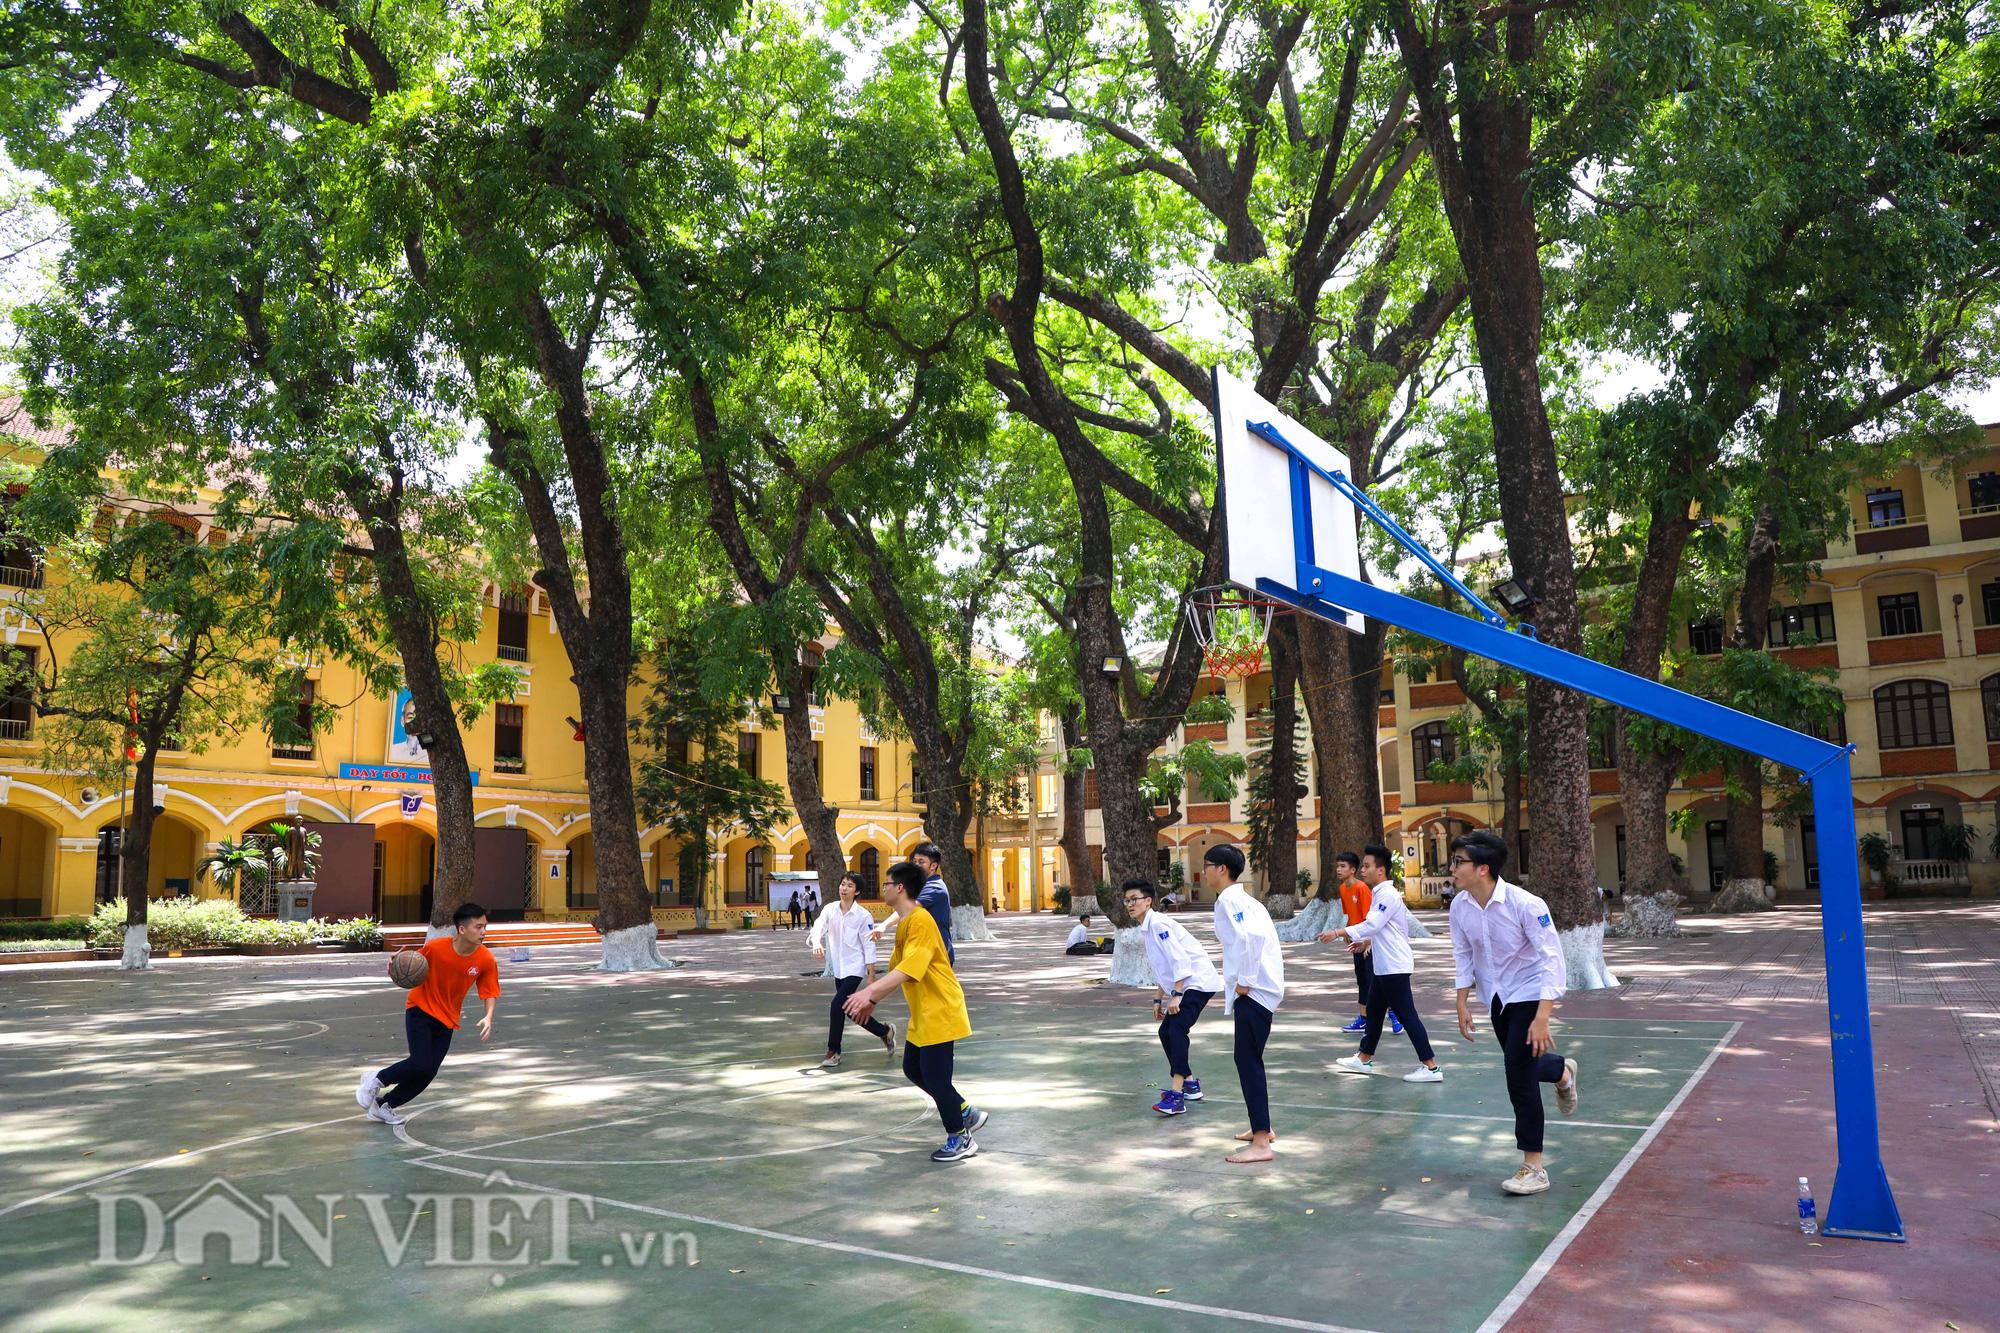 Học sinh Hà Nội không hề lo sợ dù ngồi giữa sân trường đầy cây cổ thụ - Ảnh 7.